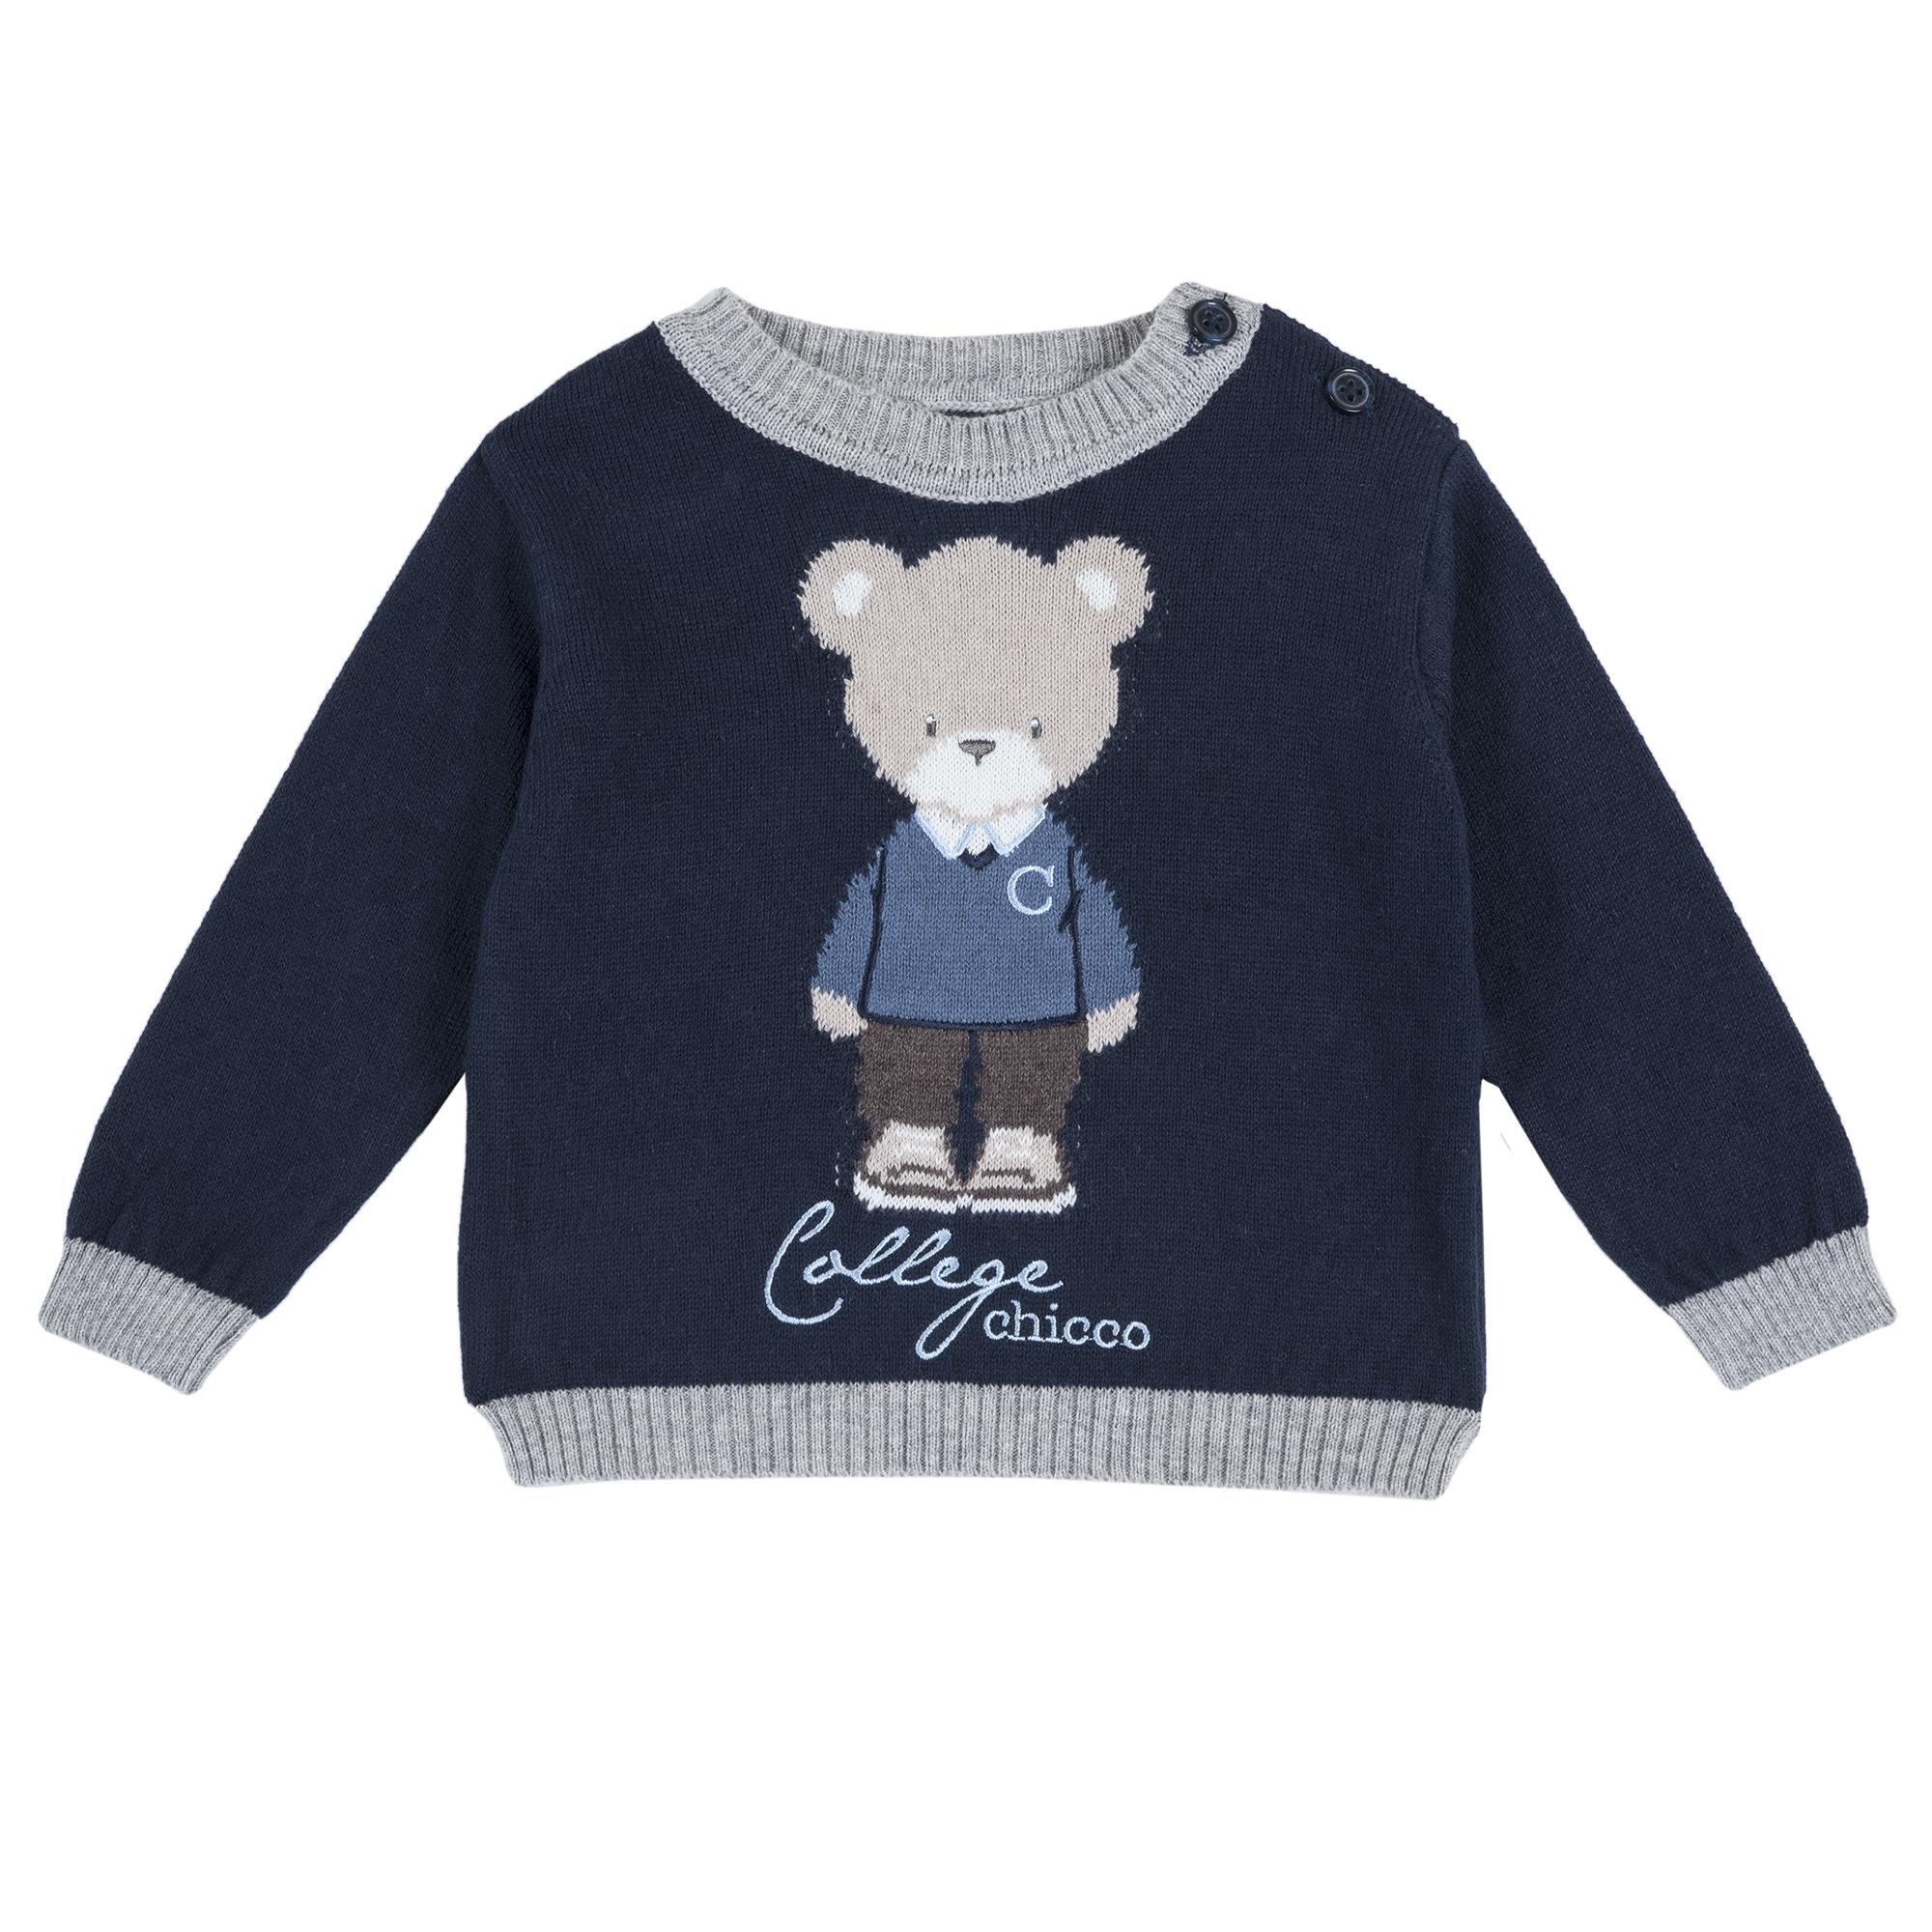 Pulover copii Chicco, tricotat, imprimeu ursulet, 69381